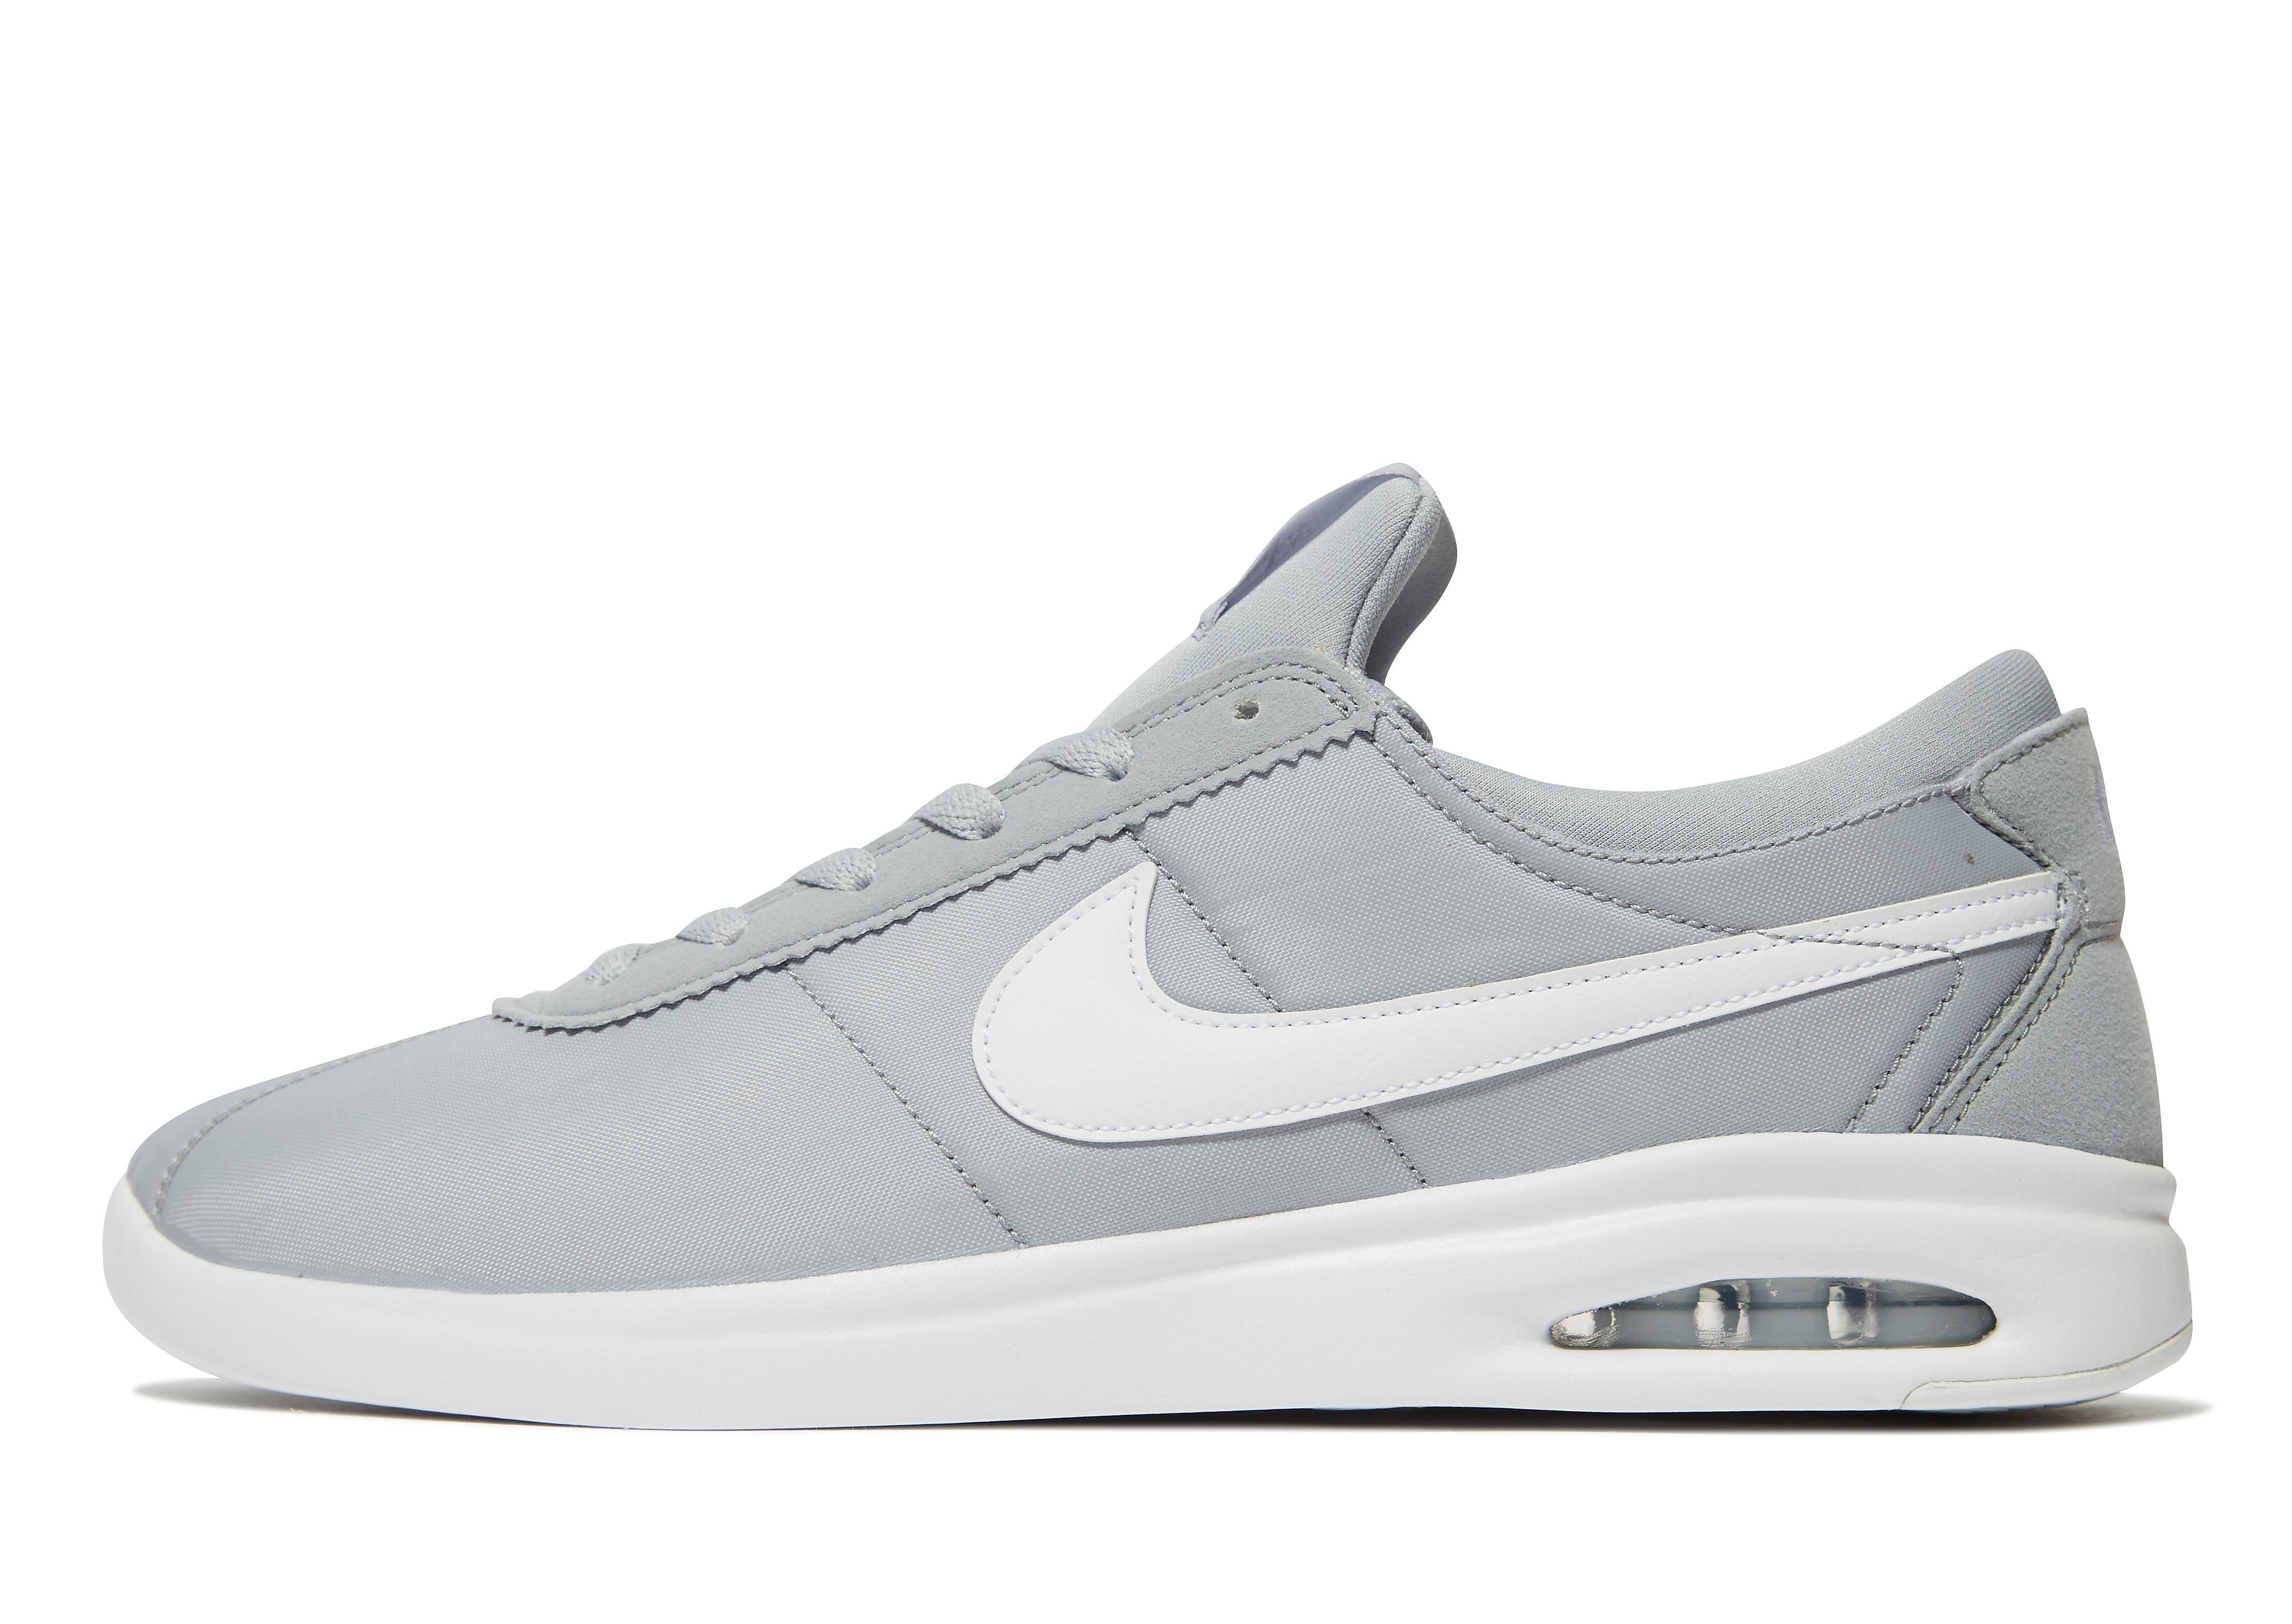 Nike Air Max Bruin Grau-Weiß